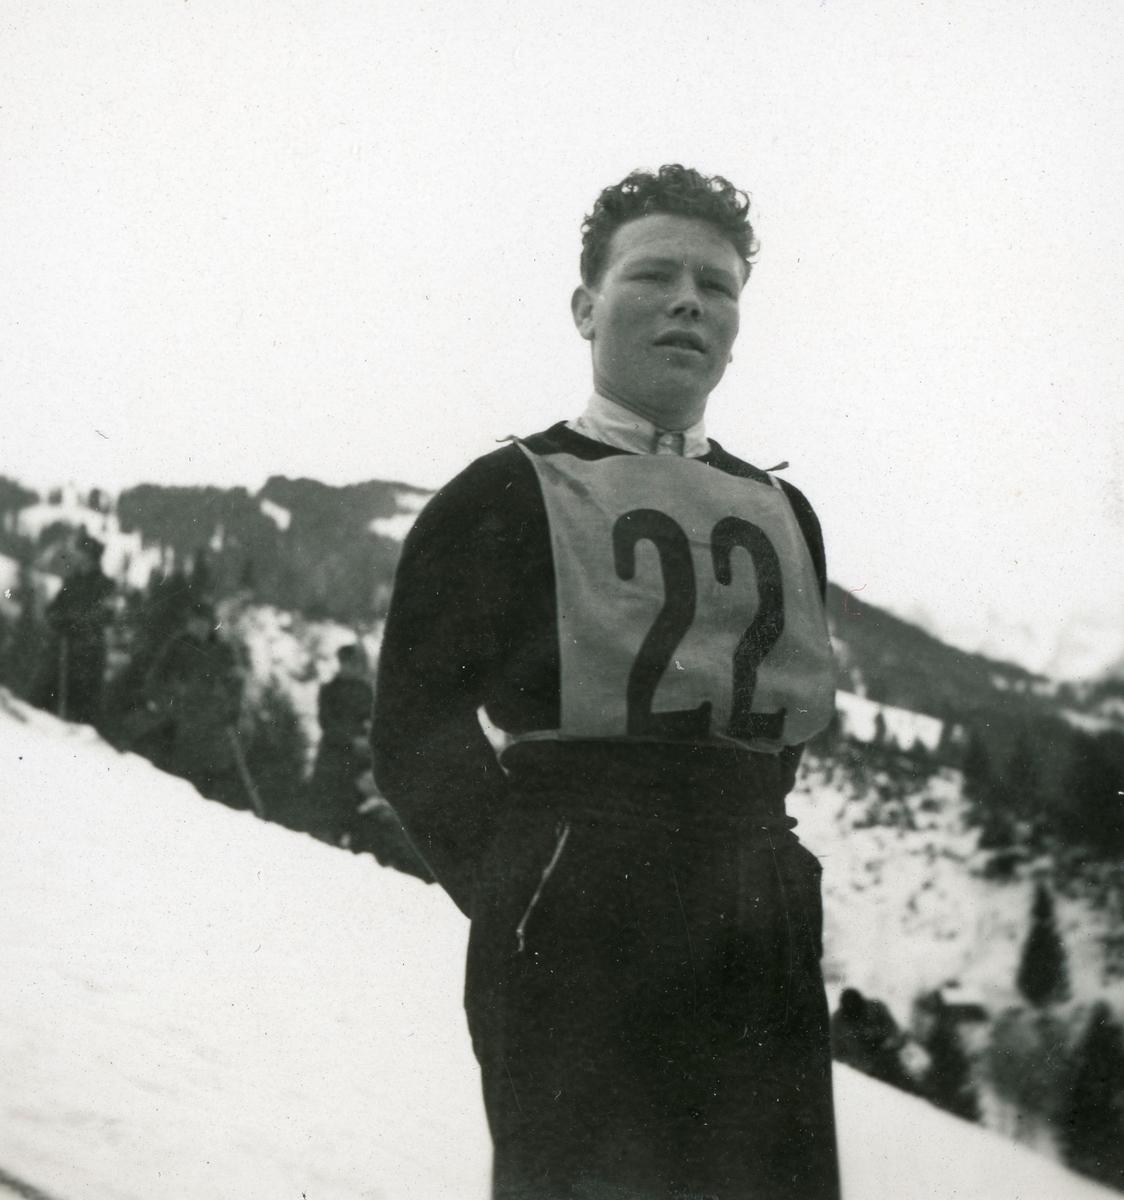 Kongsberg skier Arnholdt Kongsgård